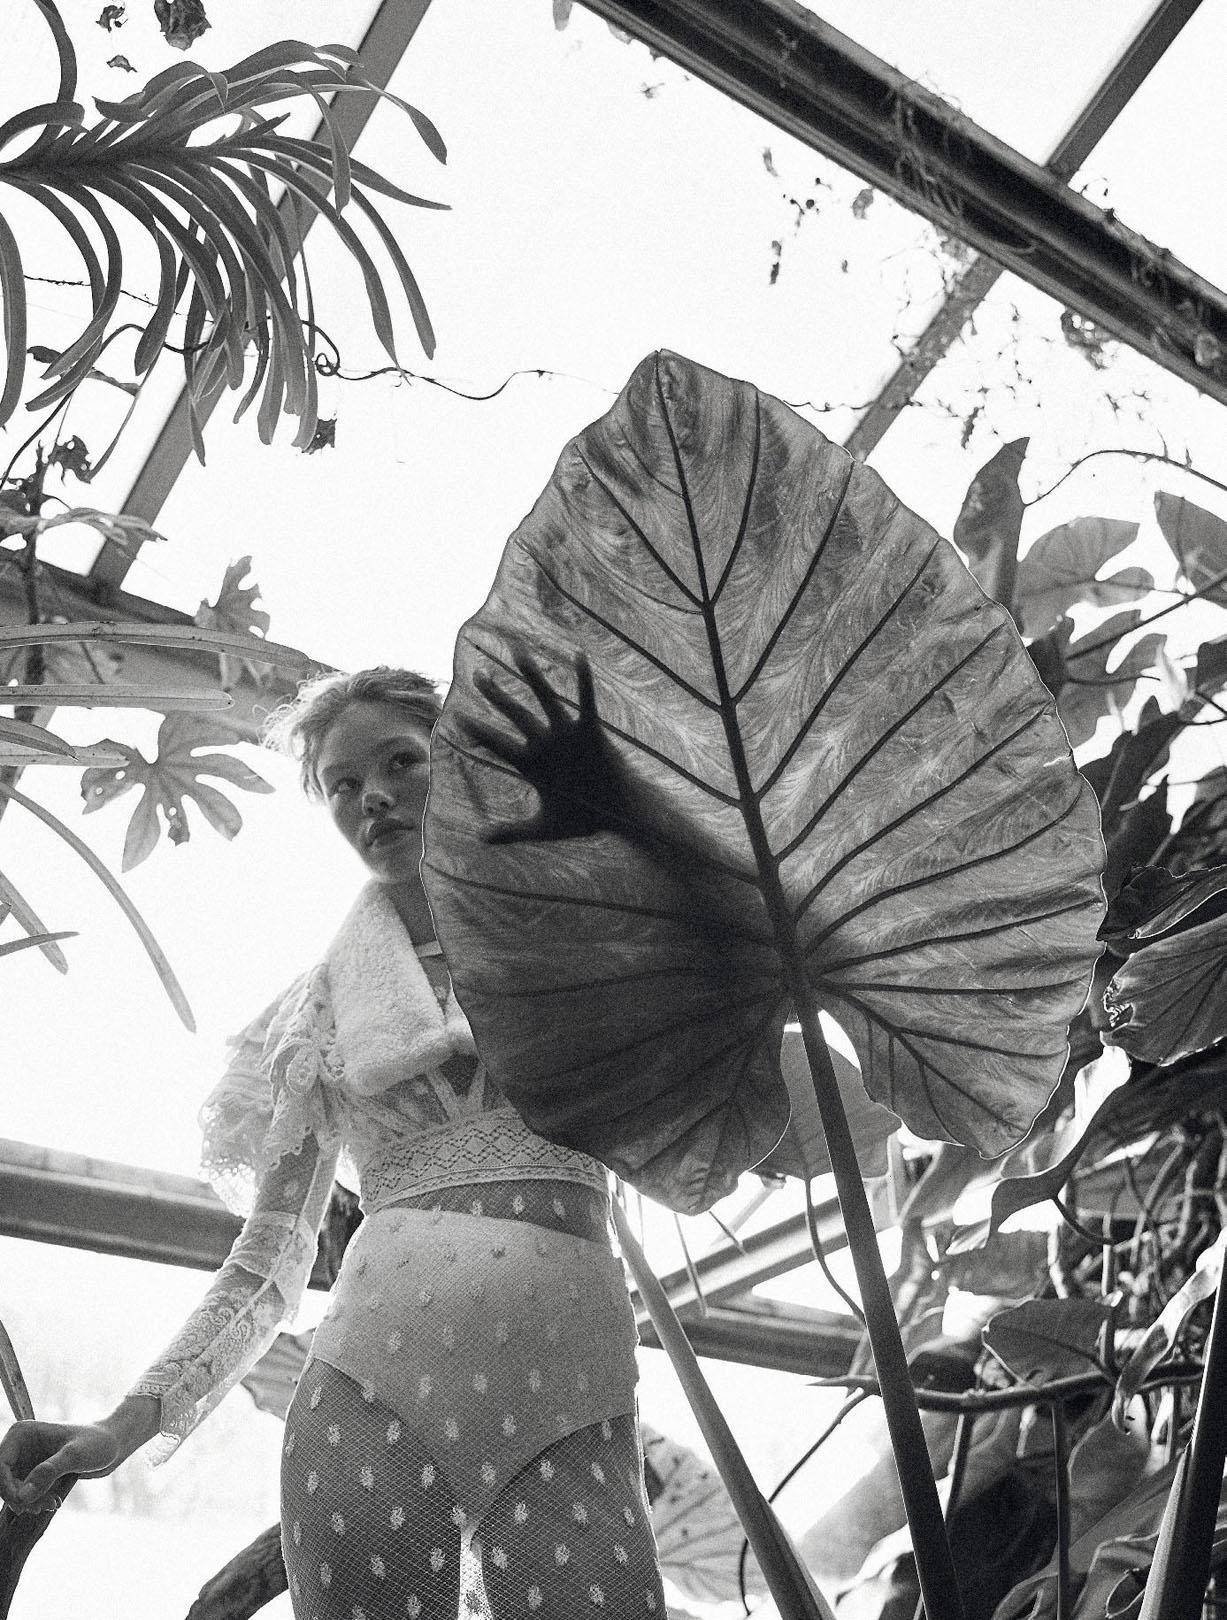 в зимнем саду с Марго Мильен / Margo Millien by Koto Bolofo - Numero Magazine april 2017